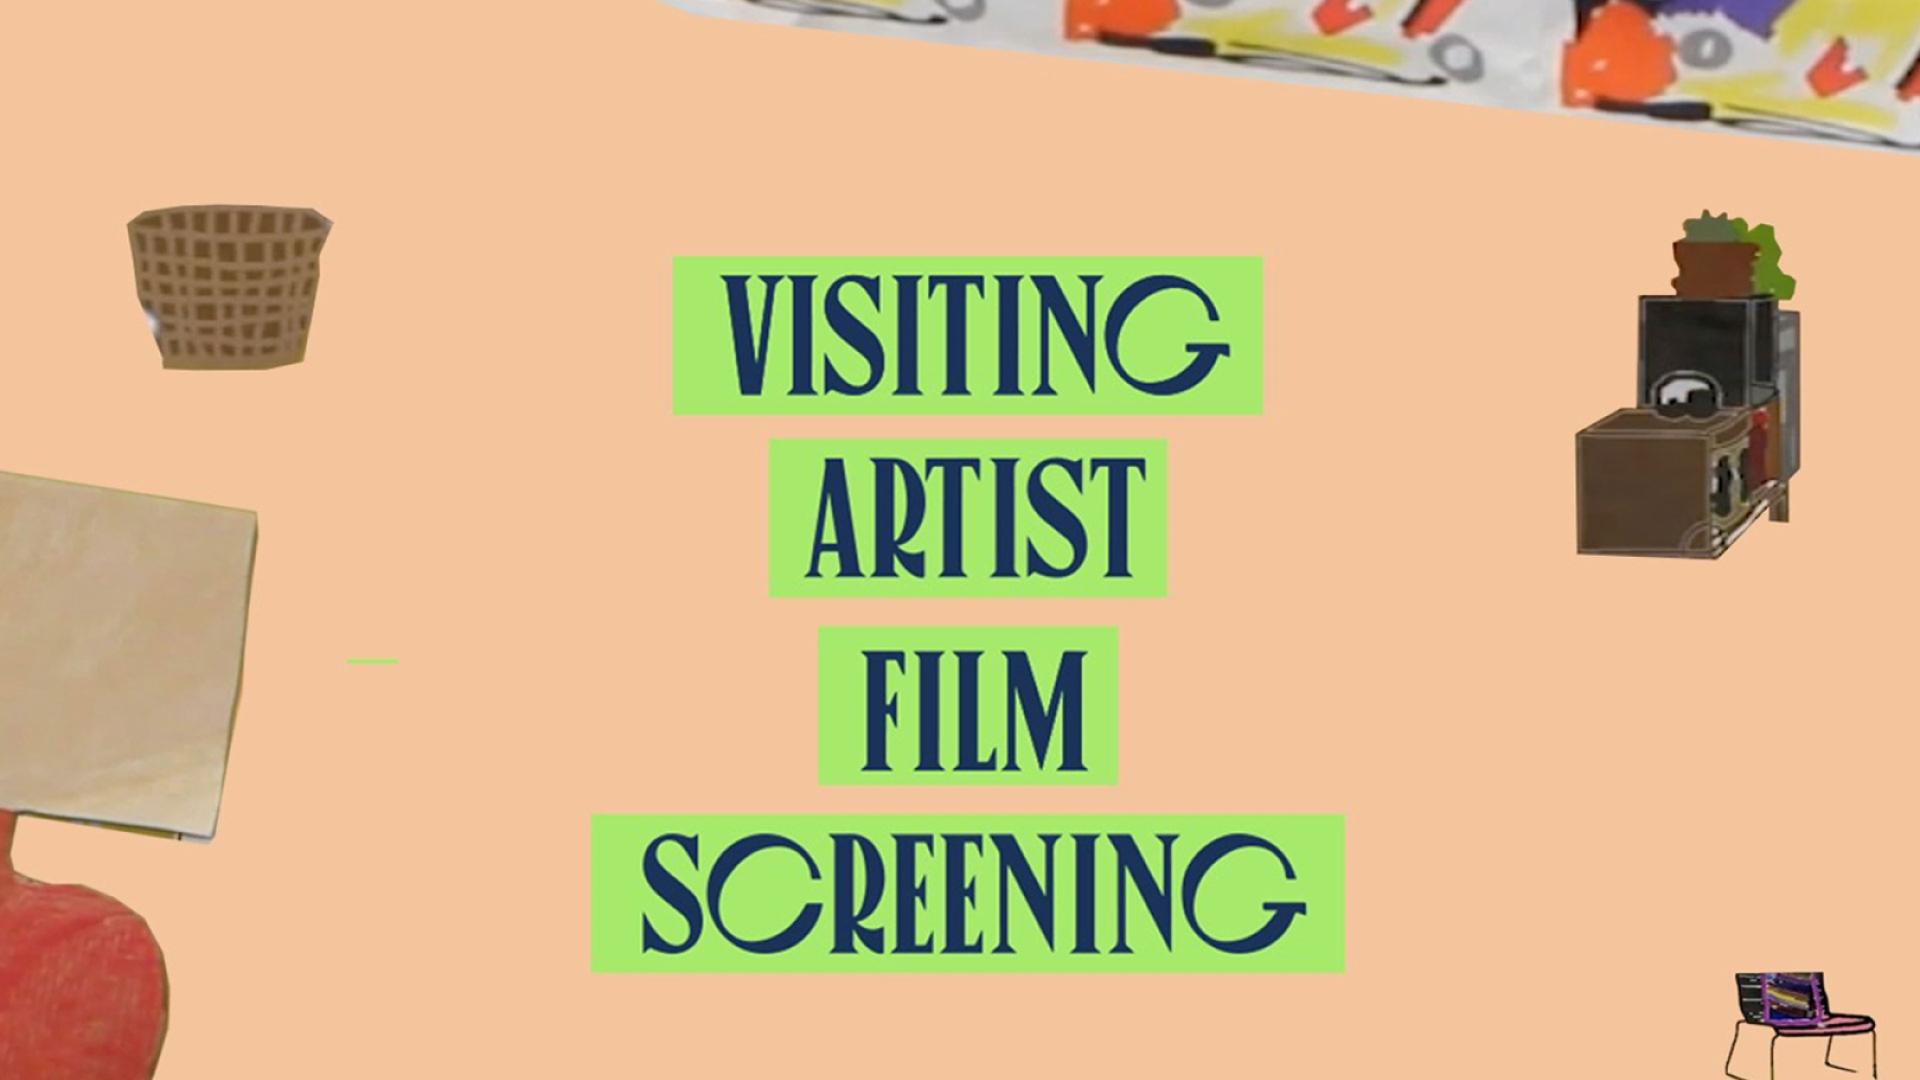 Visiting Artist Film Screening